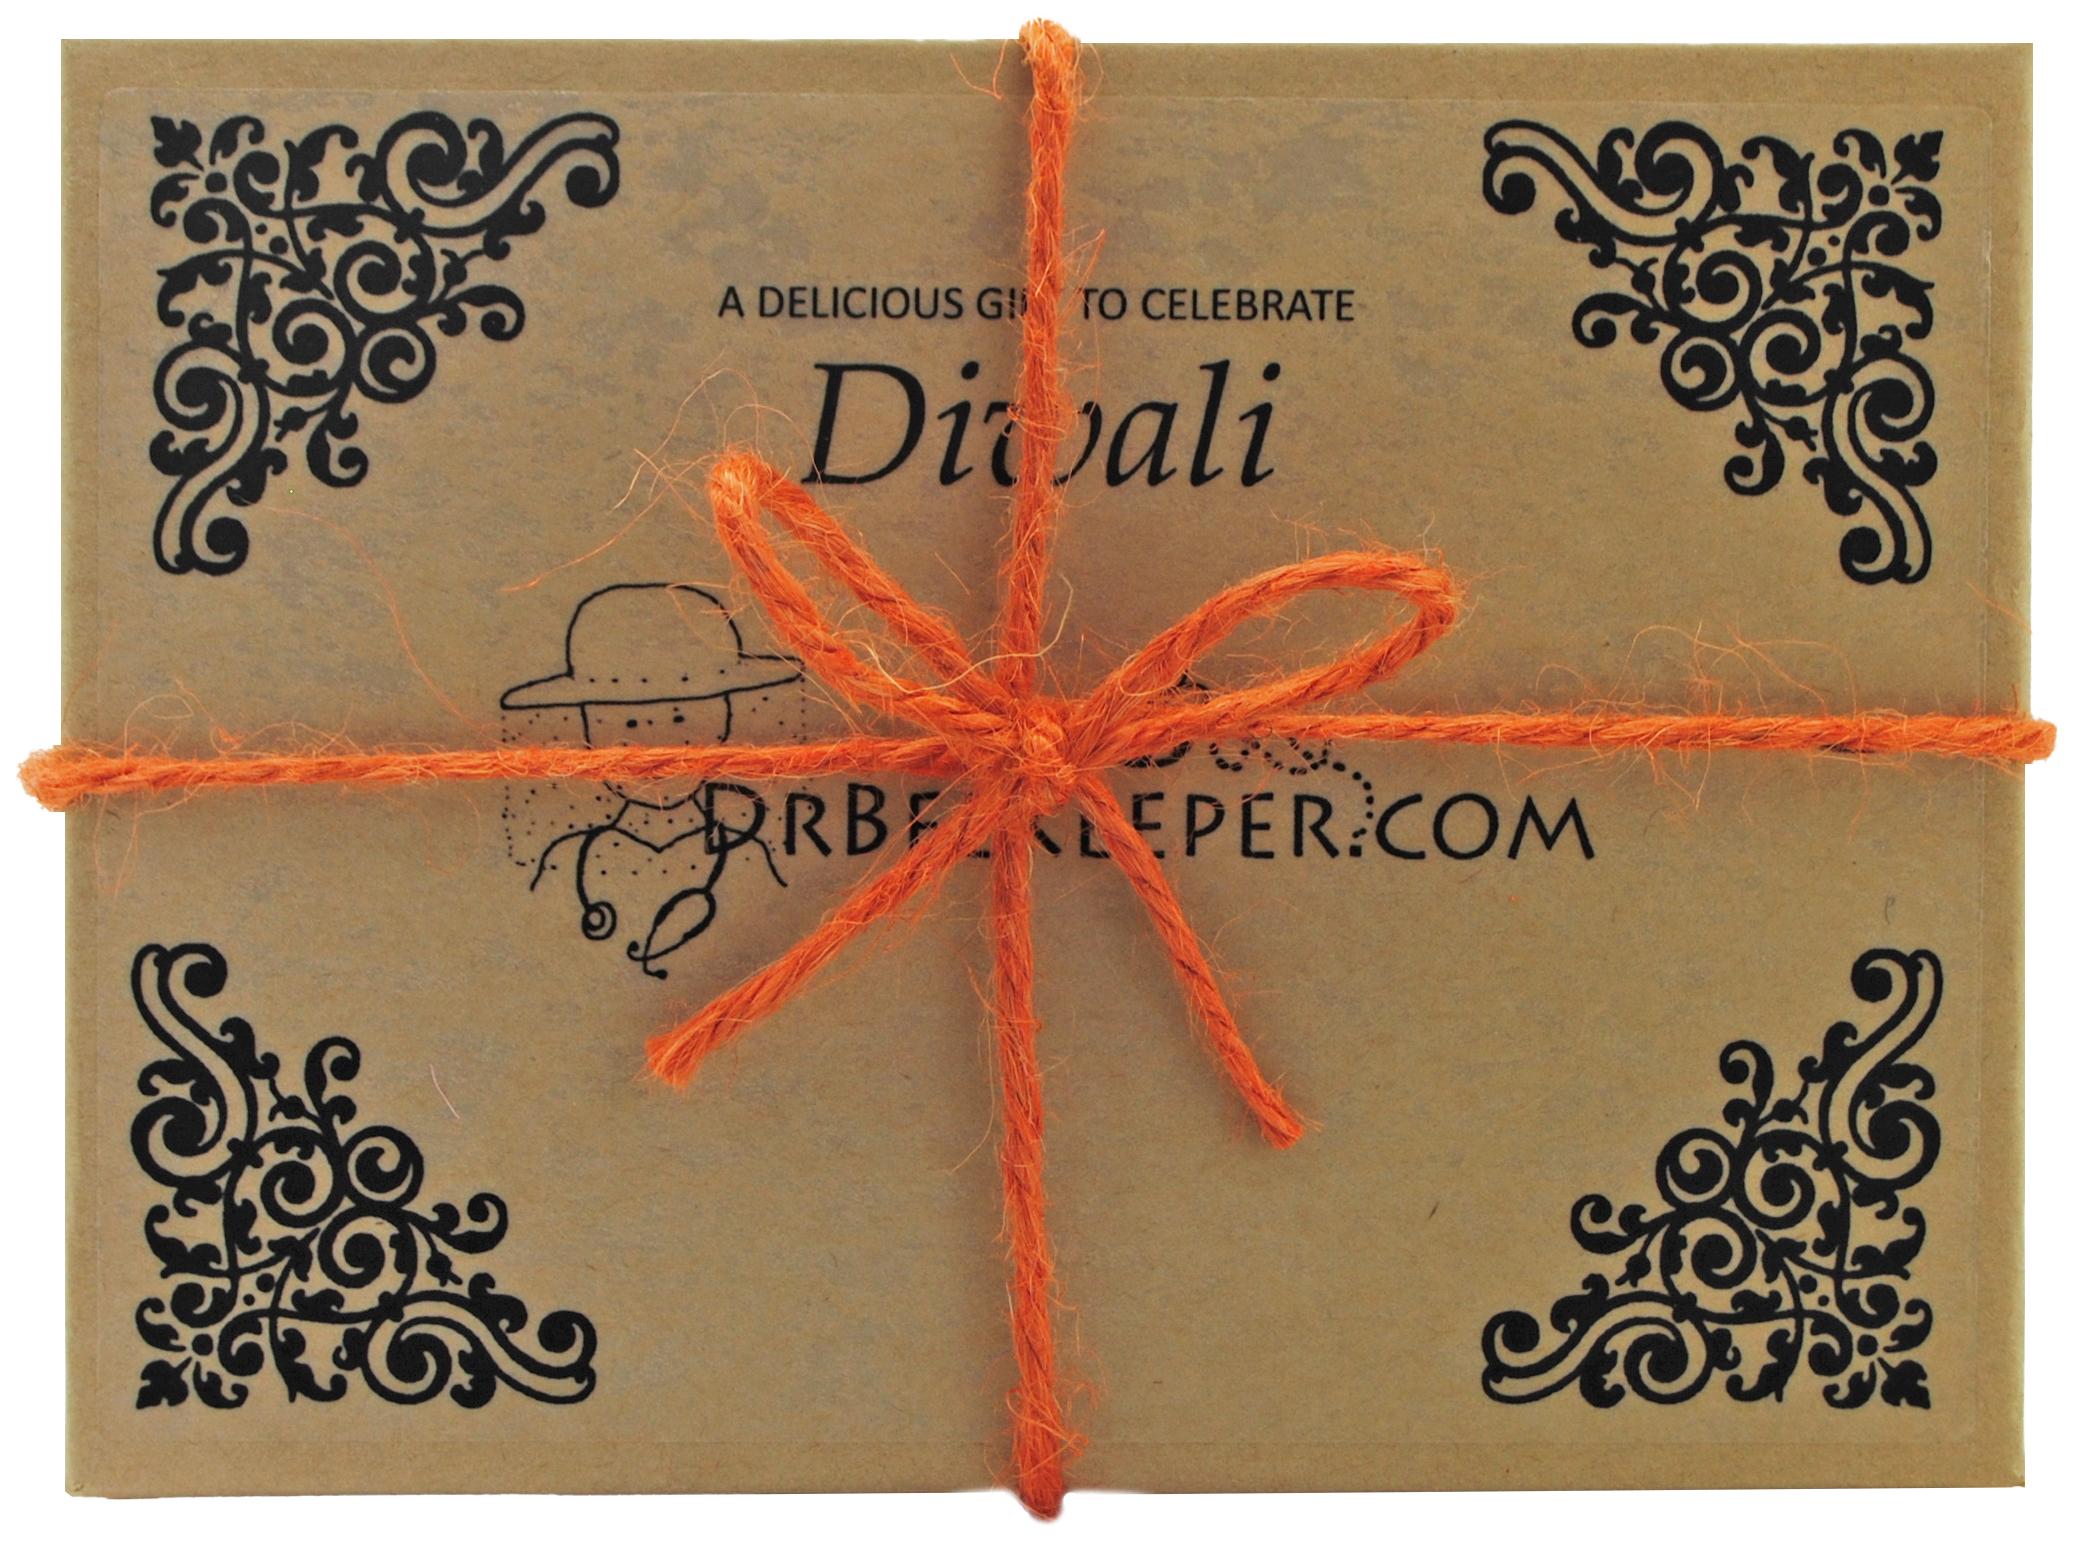 Drbeekeeper diwali gift box drbeekeeper drbeekeeper diwali gift box negle Choice Image